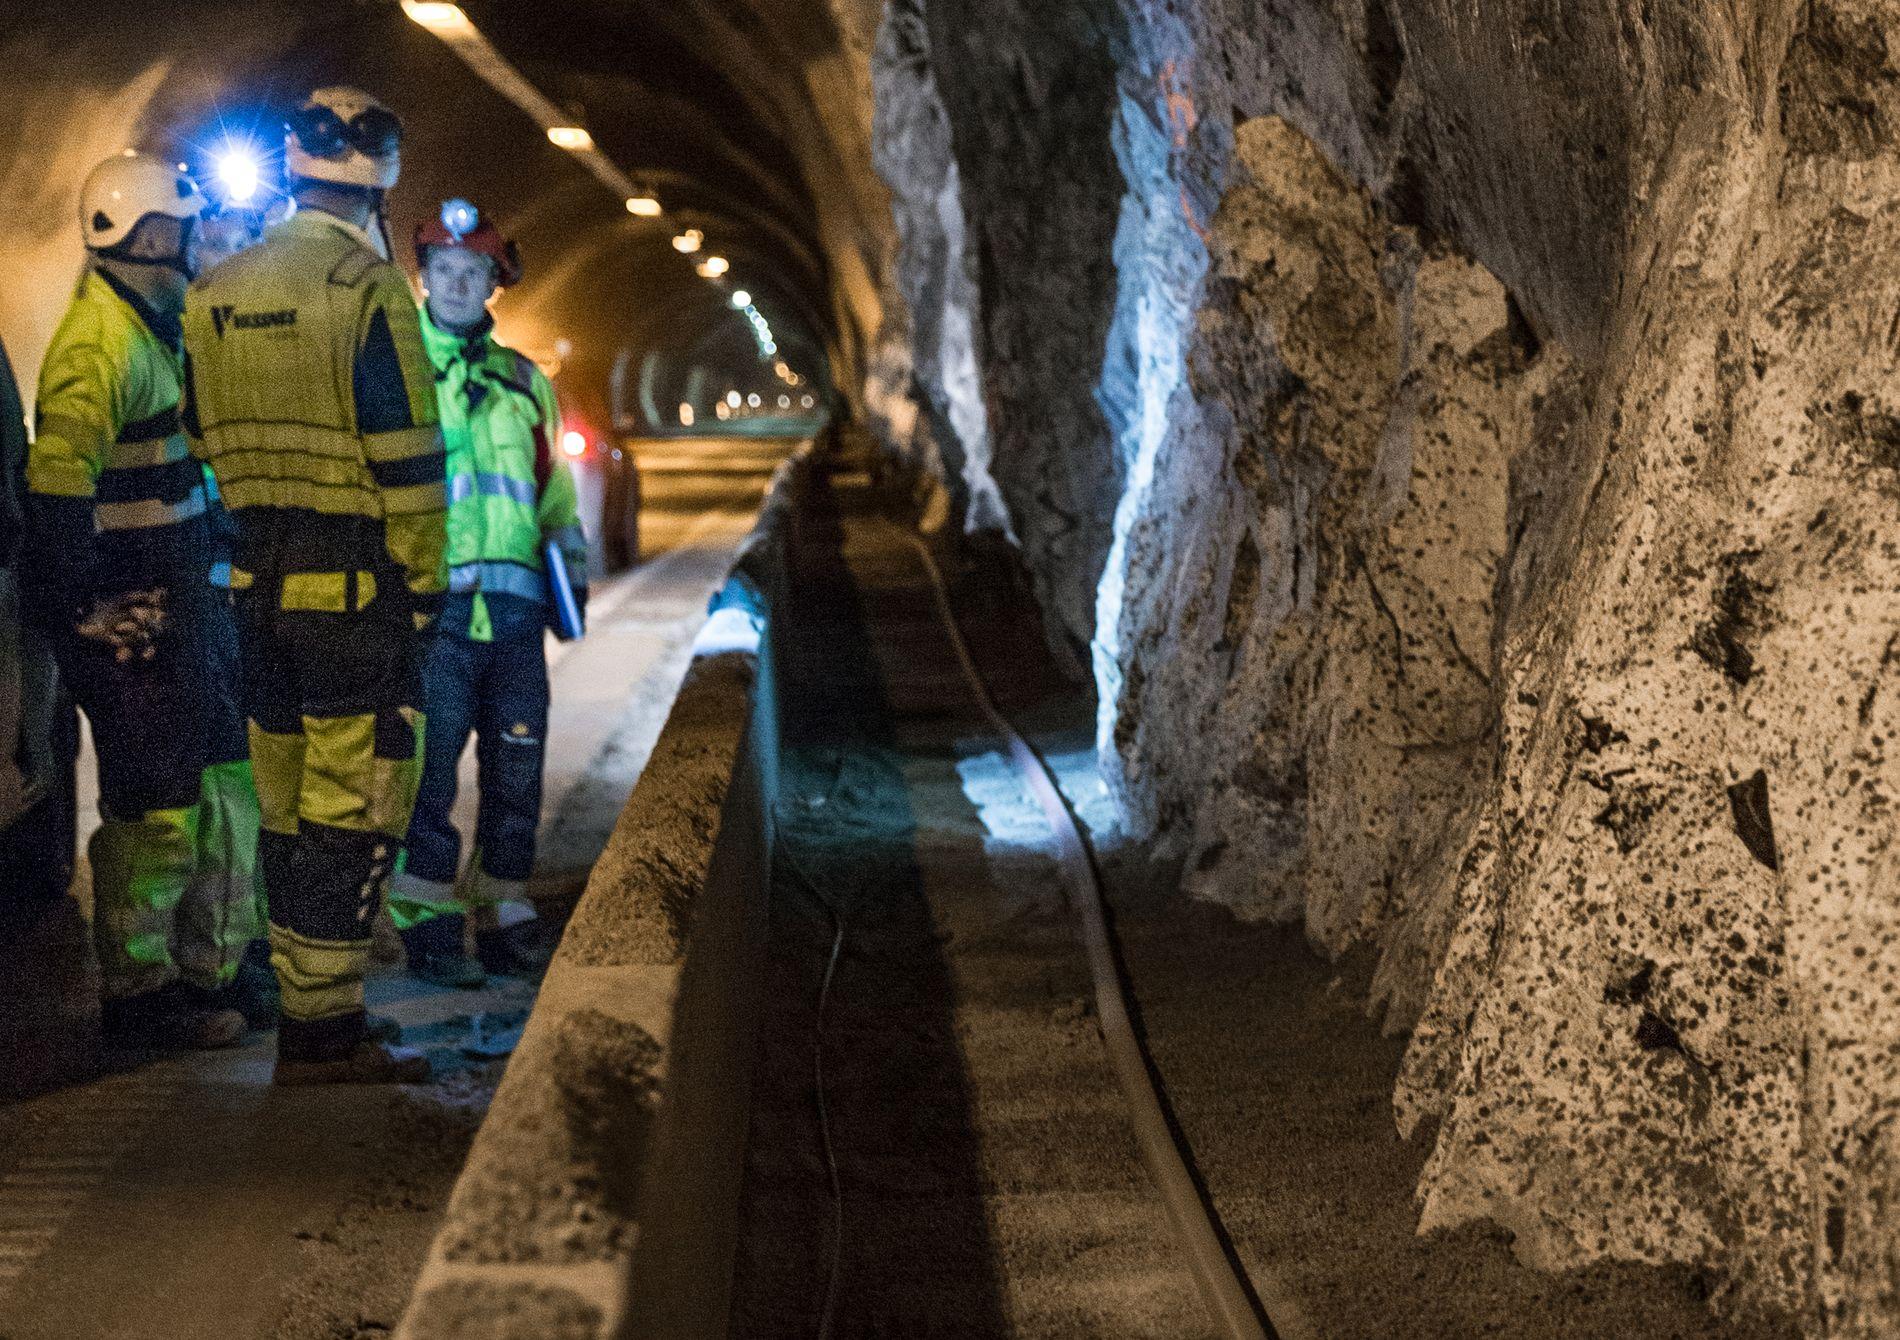 OPPGRADERING: Vassnes Solutions AS trekker kabel i E16 Gudvangatunnelen i forbindelse med oppgradering av tunnelen høsten 2018.